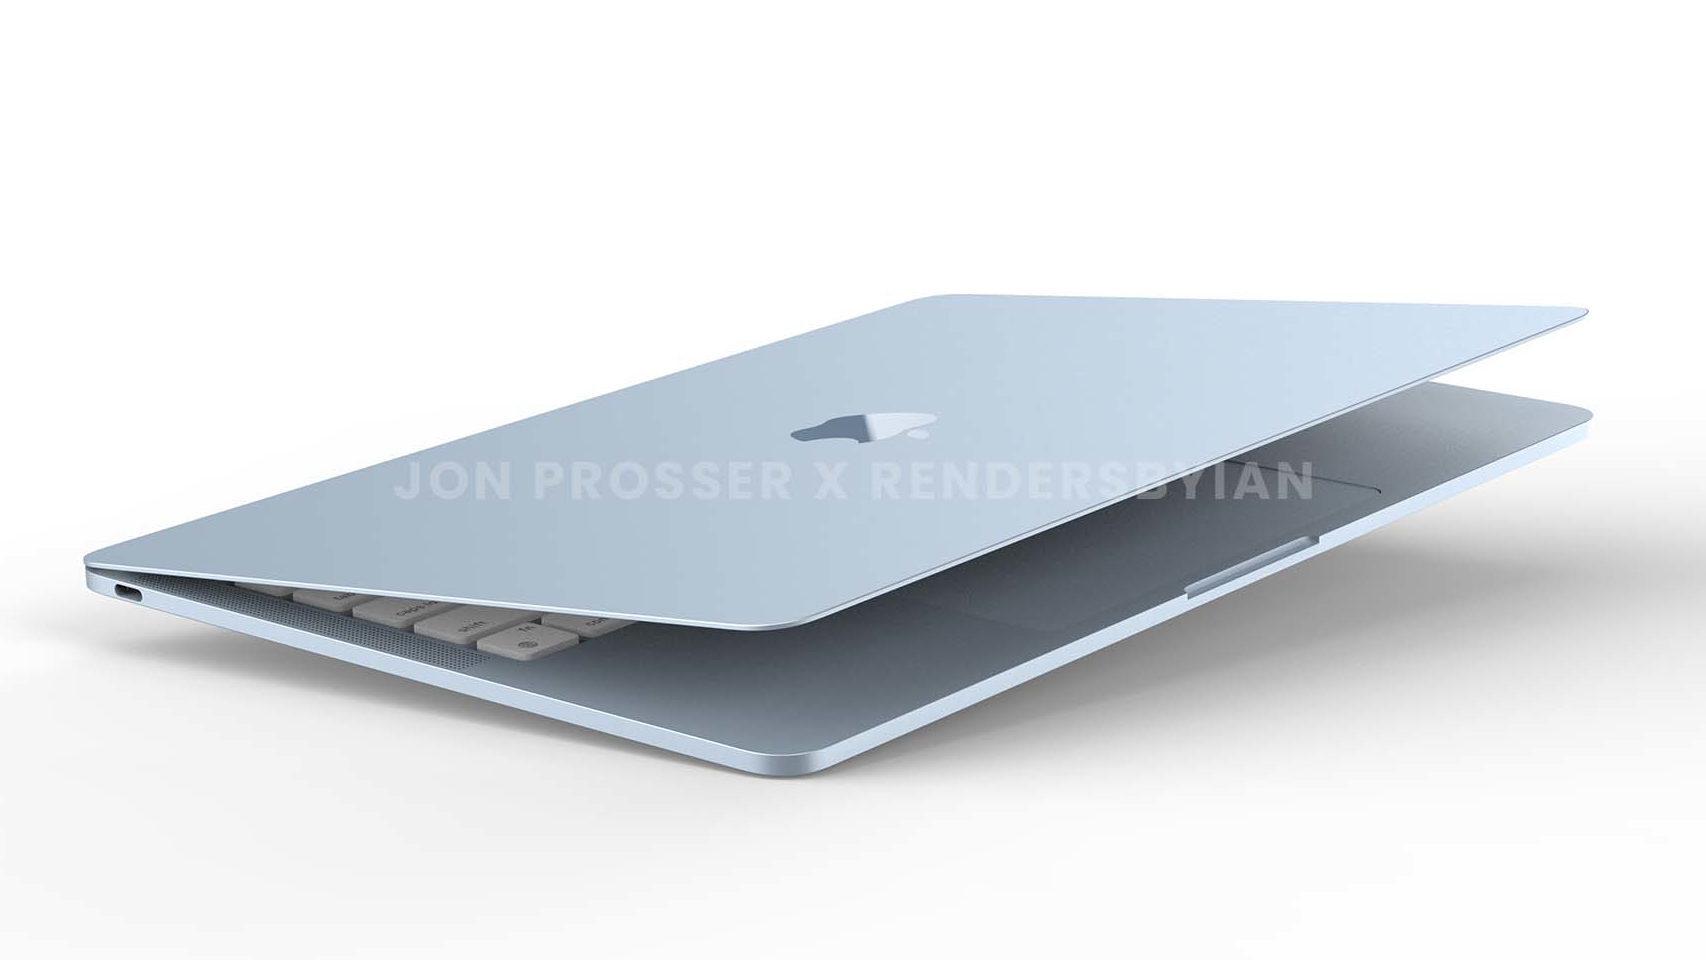 Posible diseño del nuevo MacBook Air